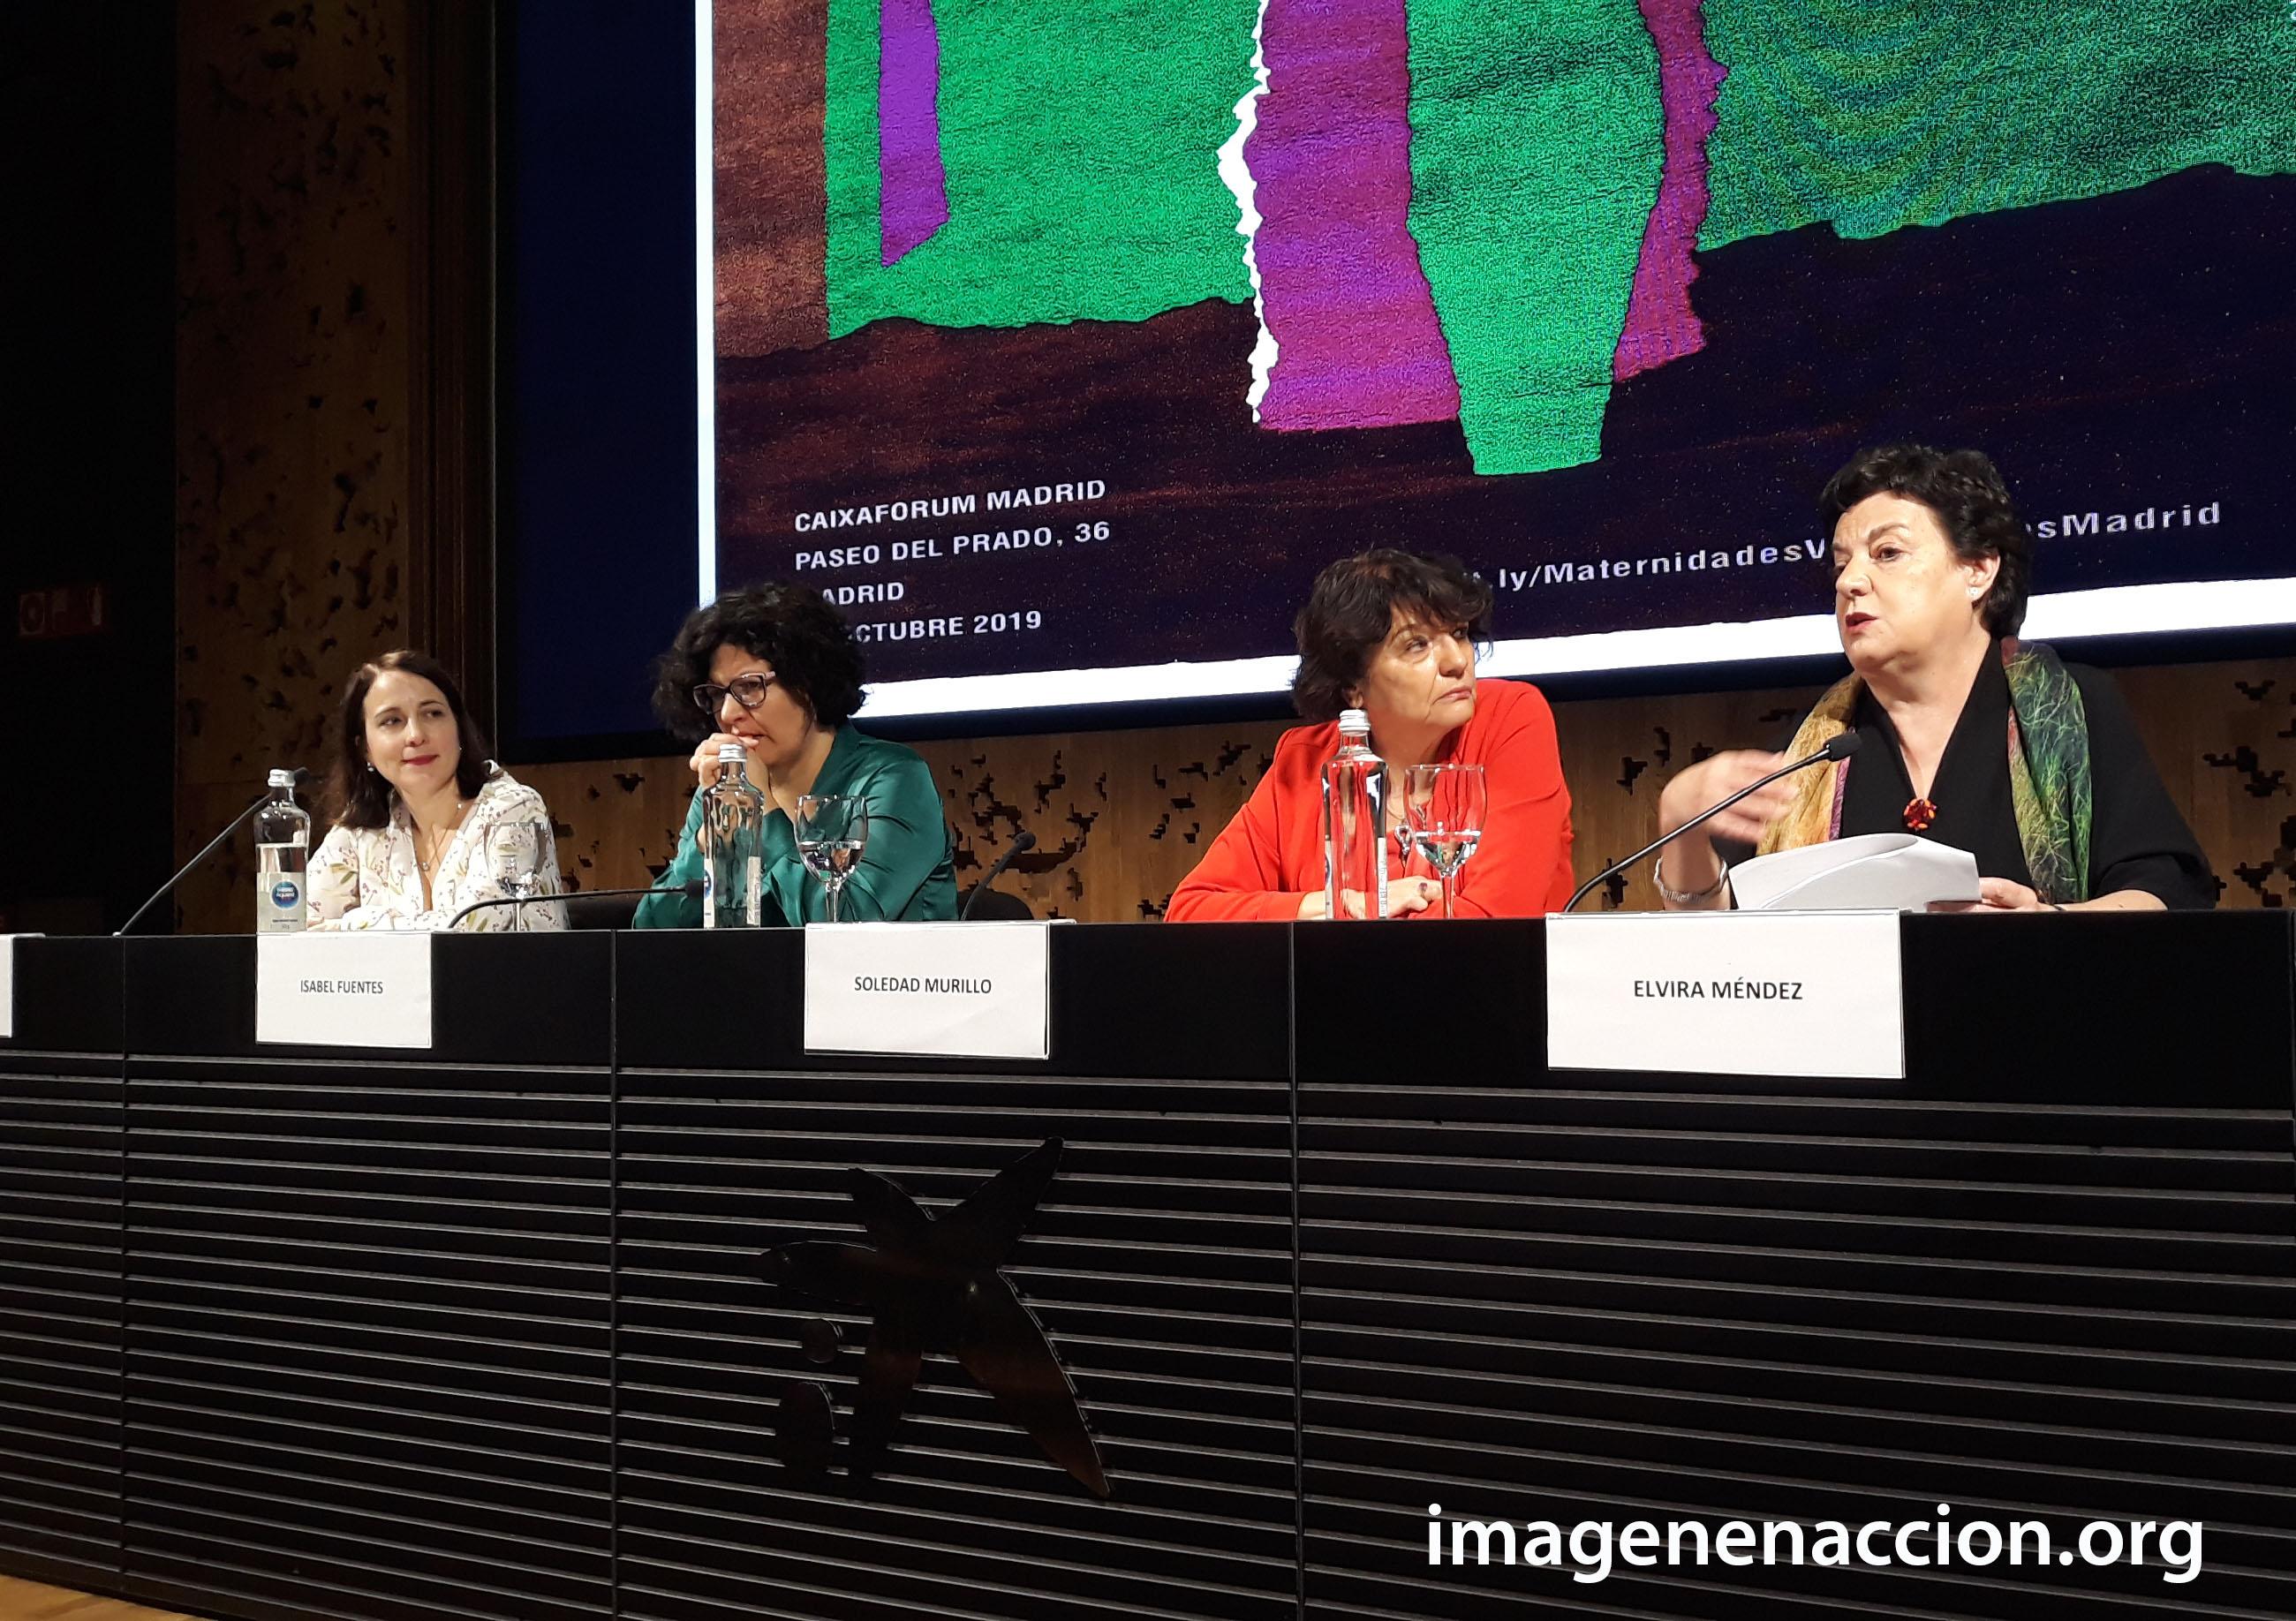 UNAF y la Asociación Salud y Familia reclaman el apoyo de las instituciones a las maternidades más vulnerables